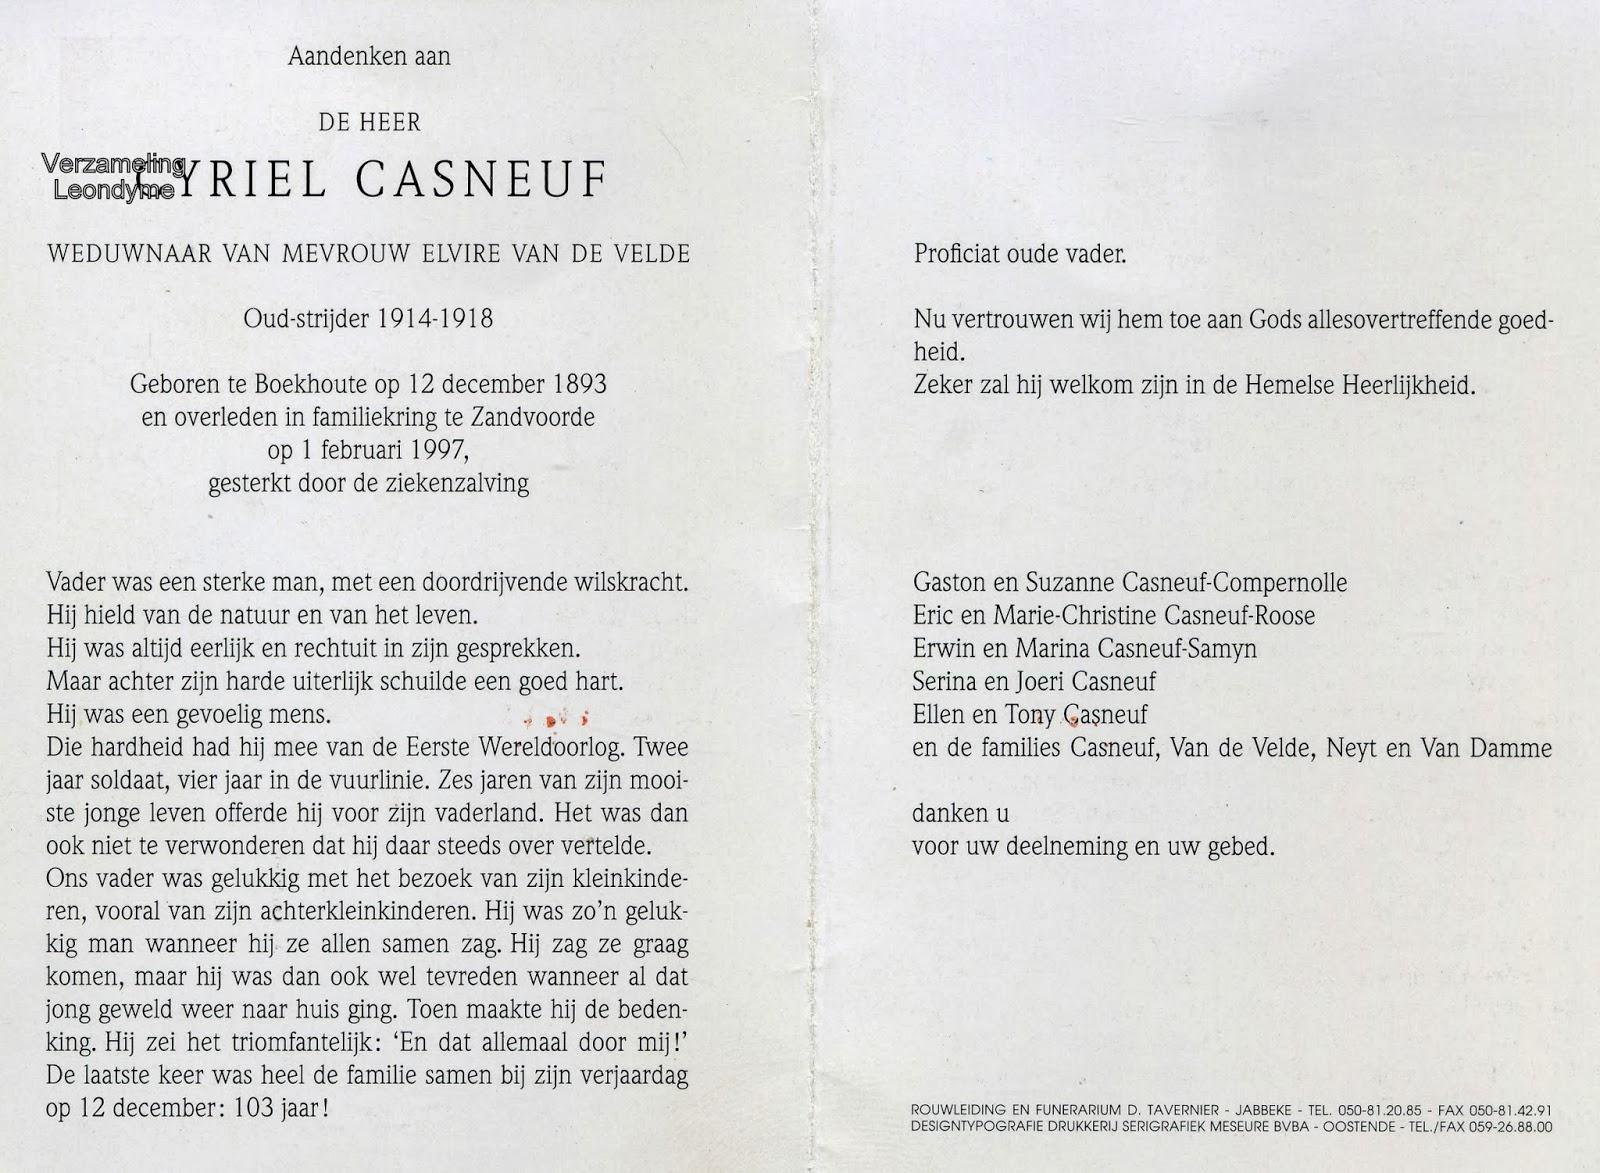 Bidprentje Cyriel Casneuf 1893-1997. Verzameling Leondyme